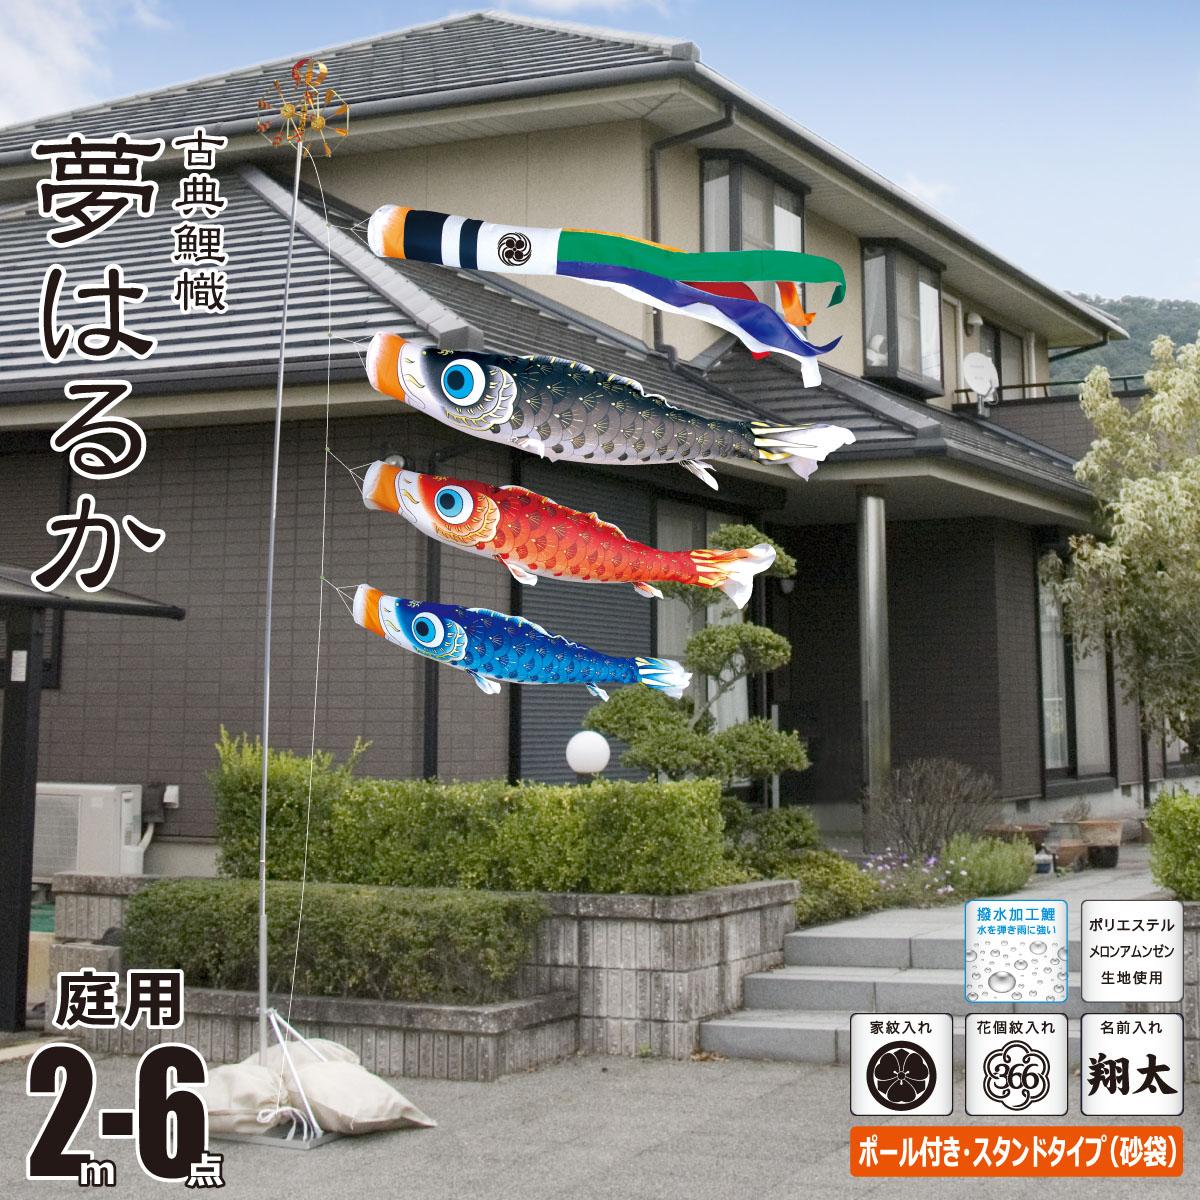 こいのぼり 2m 夢はるか 6点 (矢車、ロープ、吹流し、鯉3匹) 庭園用 スタンドセット (庭用 スタンド 砂袋3枚入り) 徳永鯉のぼり KIT-116-217